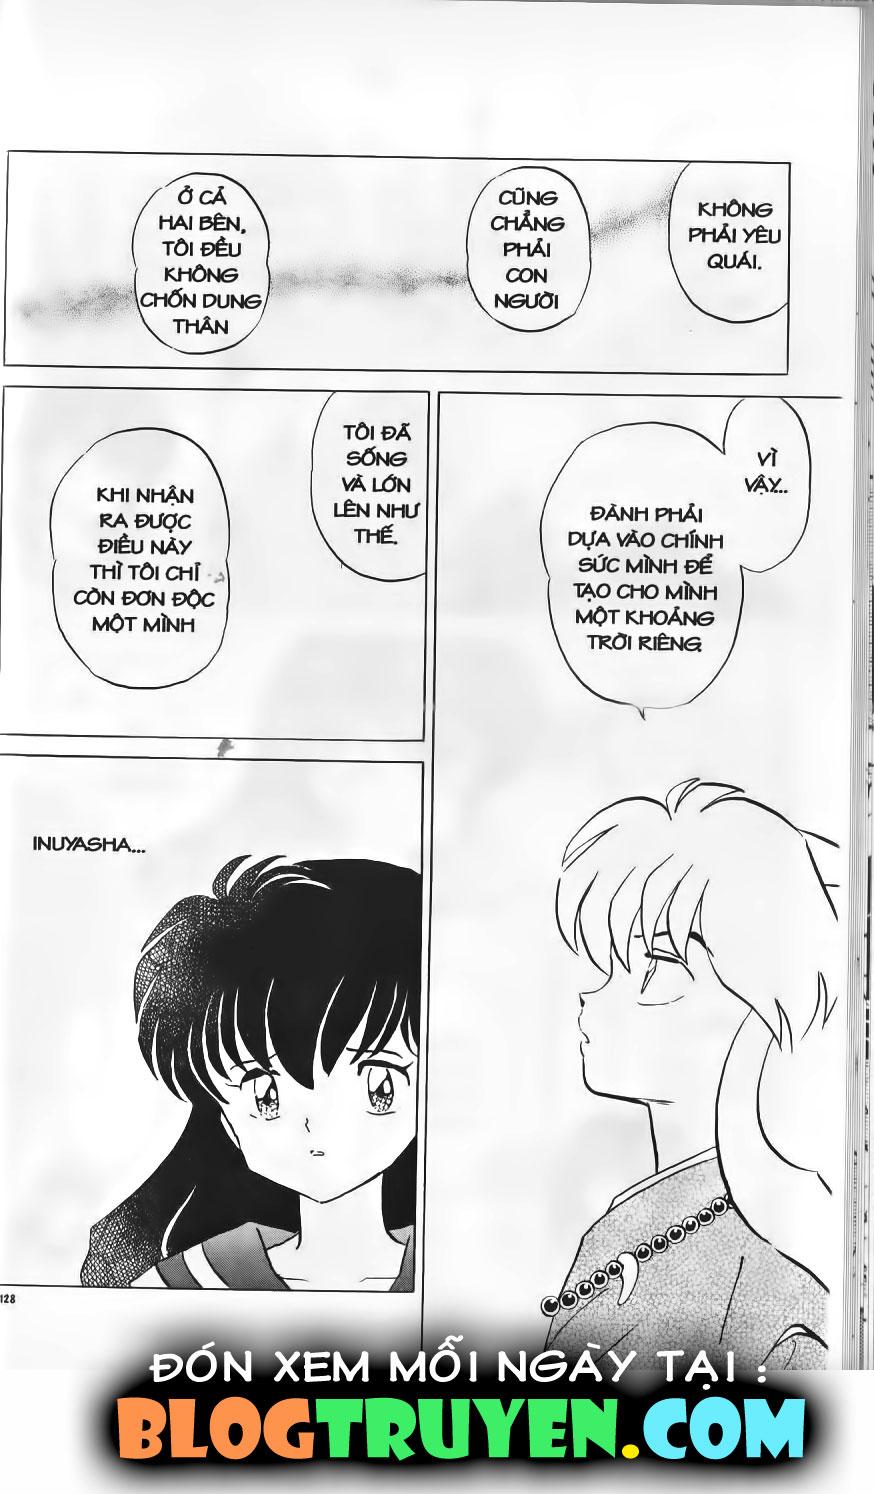 Inuyasha vol 12.7 trang 15